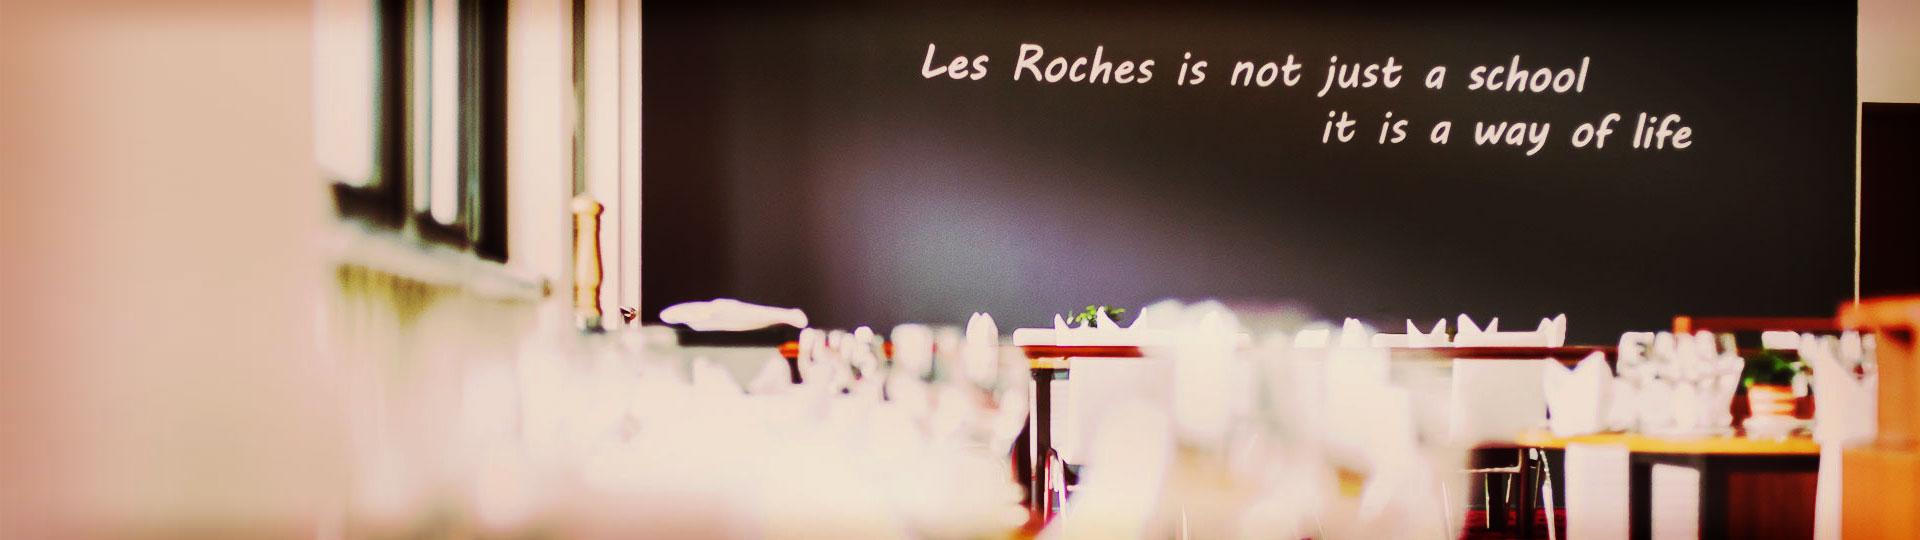 Sobre Les Roches Marbella